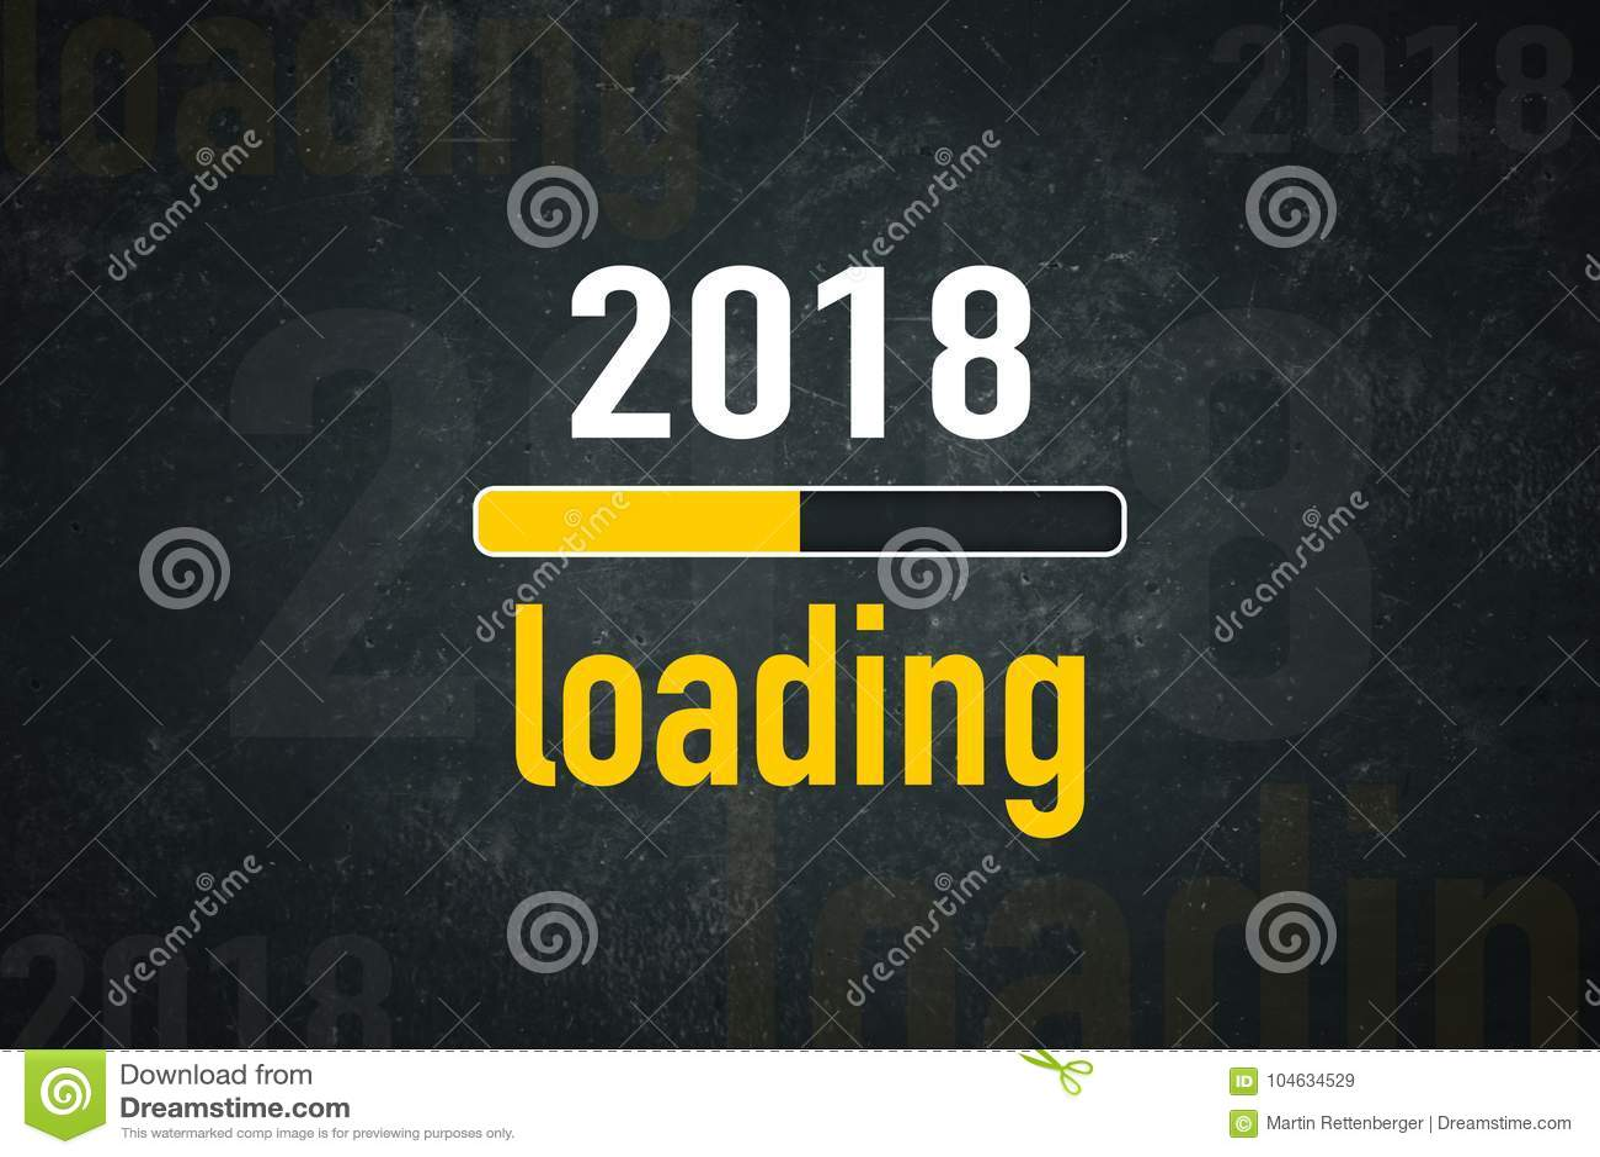 Download Het scherm 2018 lading stock illustratie. Illustratie bestaande uit donker - 104634529